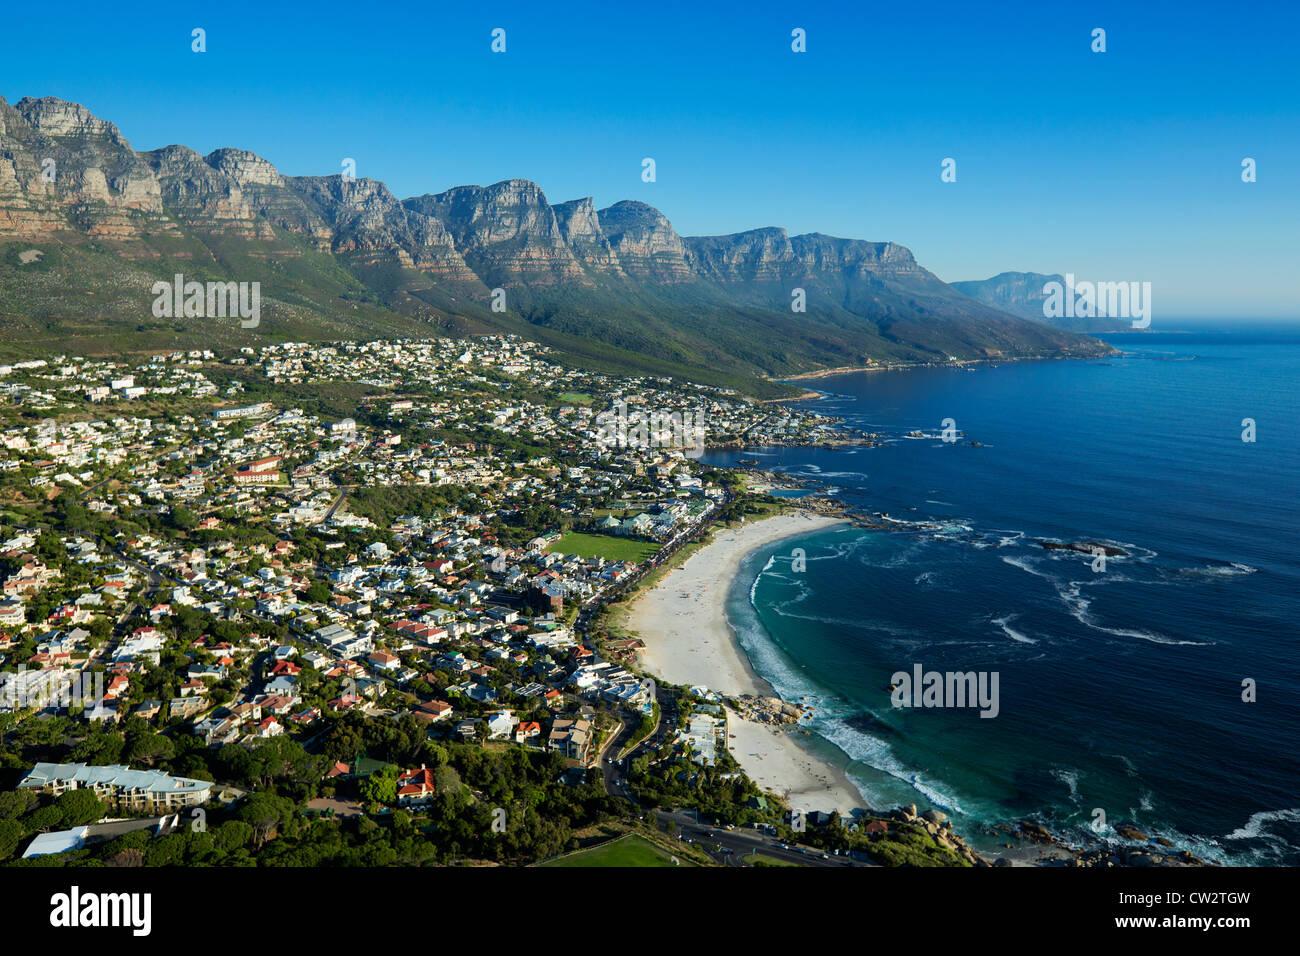 Vista aérea de Camps Bay con vistas de las montañas de los Doce Apóstoles.Ciudad del Cabo, Sudáfrica. Imagen De Stock